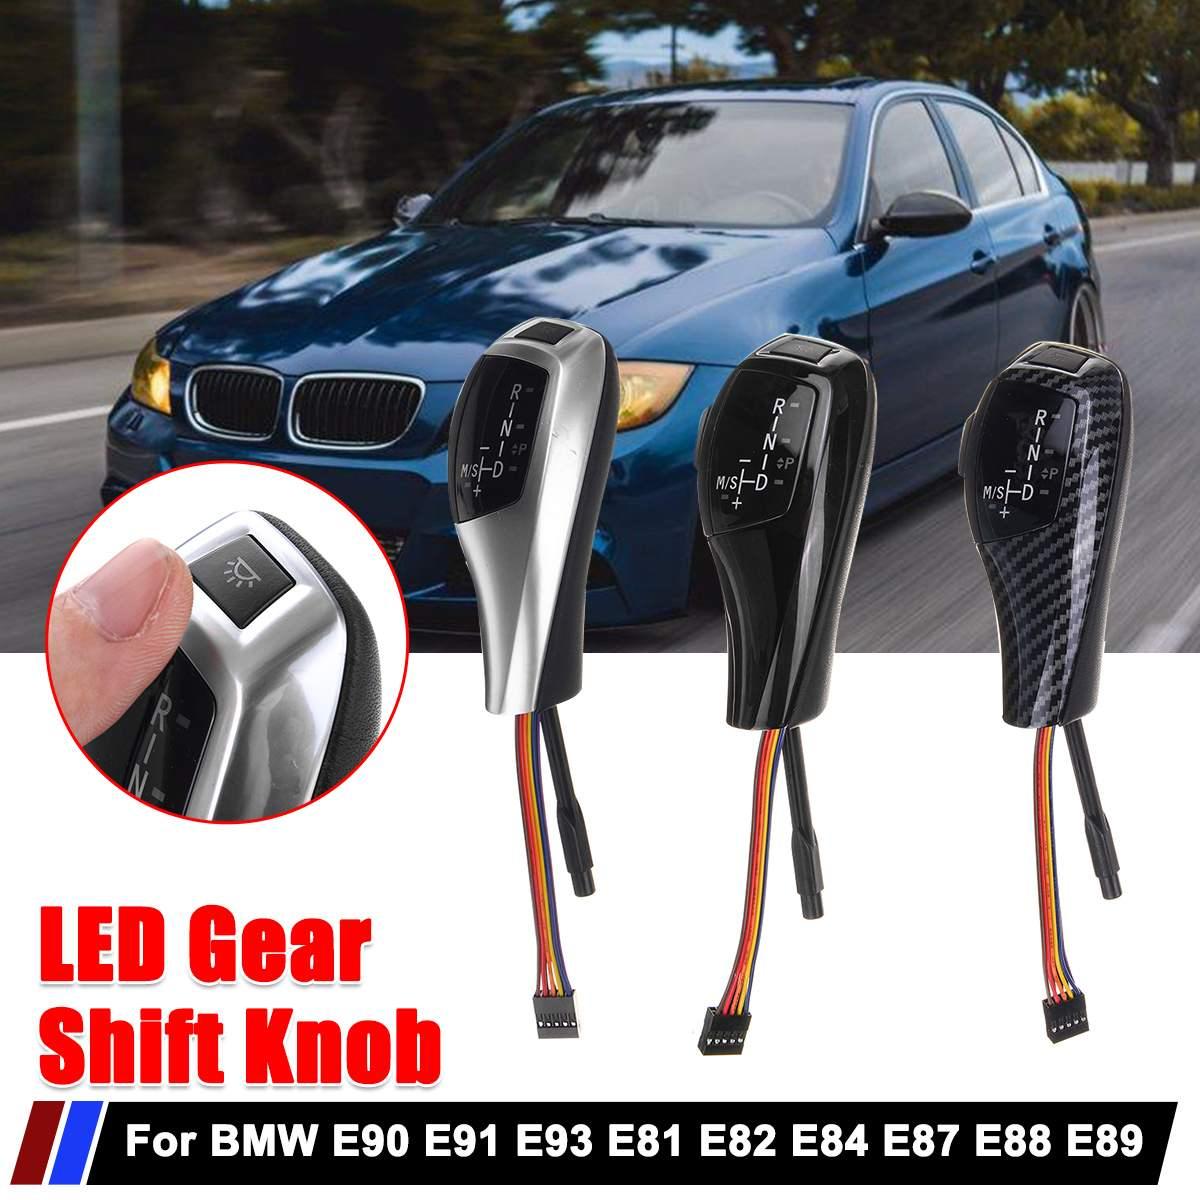 Levier de LED de pommeau de changement de vitesse manette de vitesse automatique LHD pour BMW E90 E91 E92 E93 E81 E87 E87 LCI E82 E88